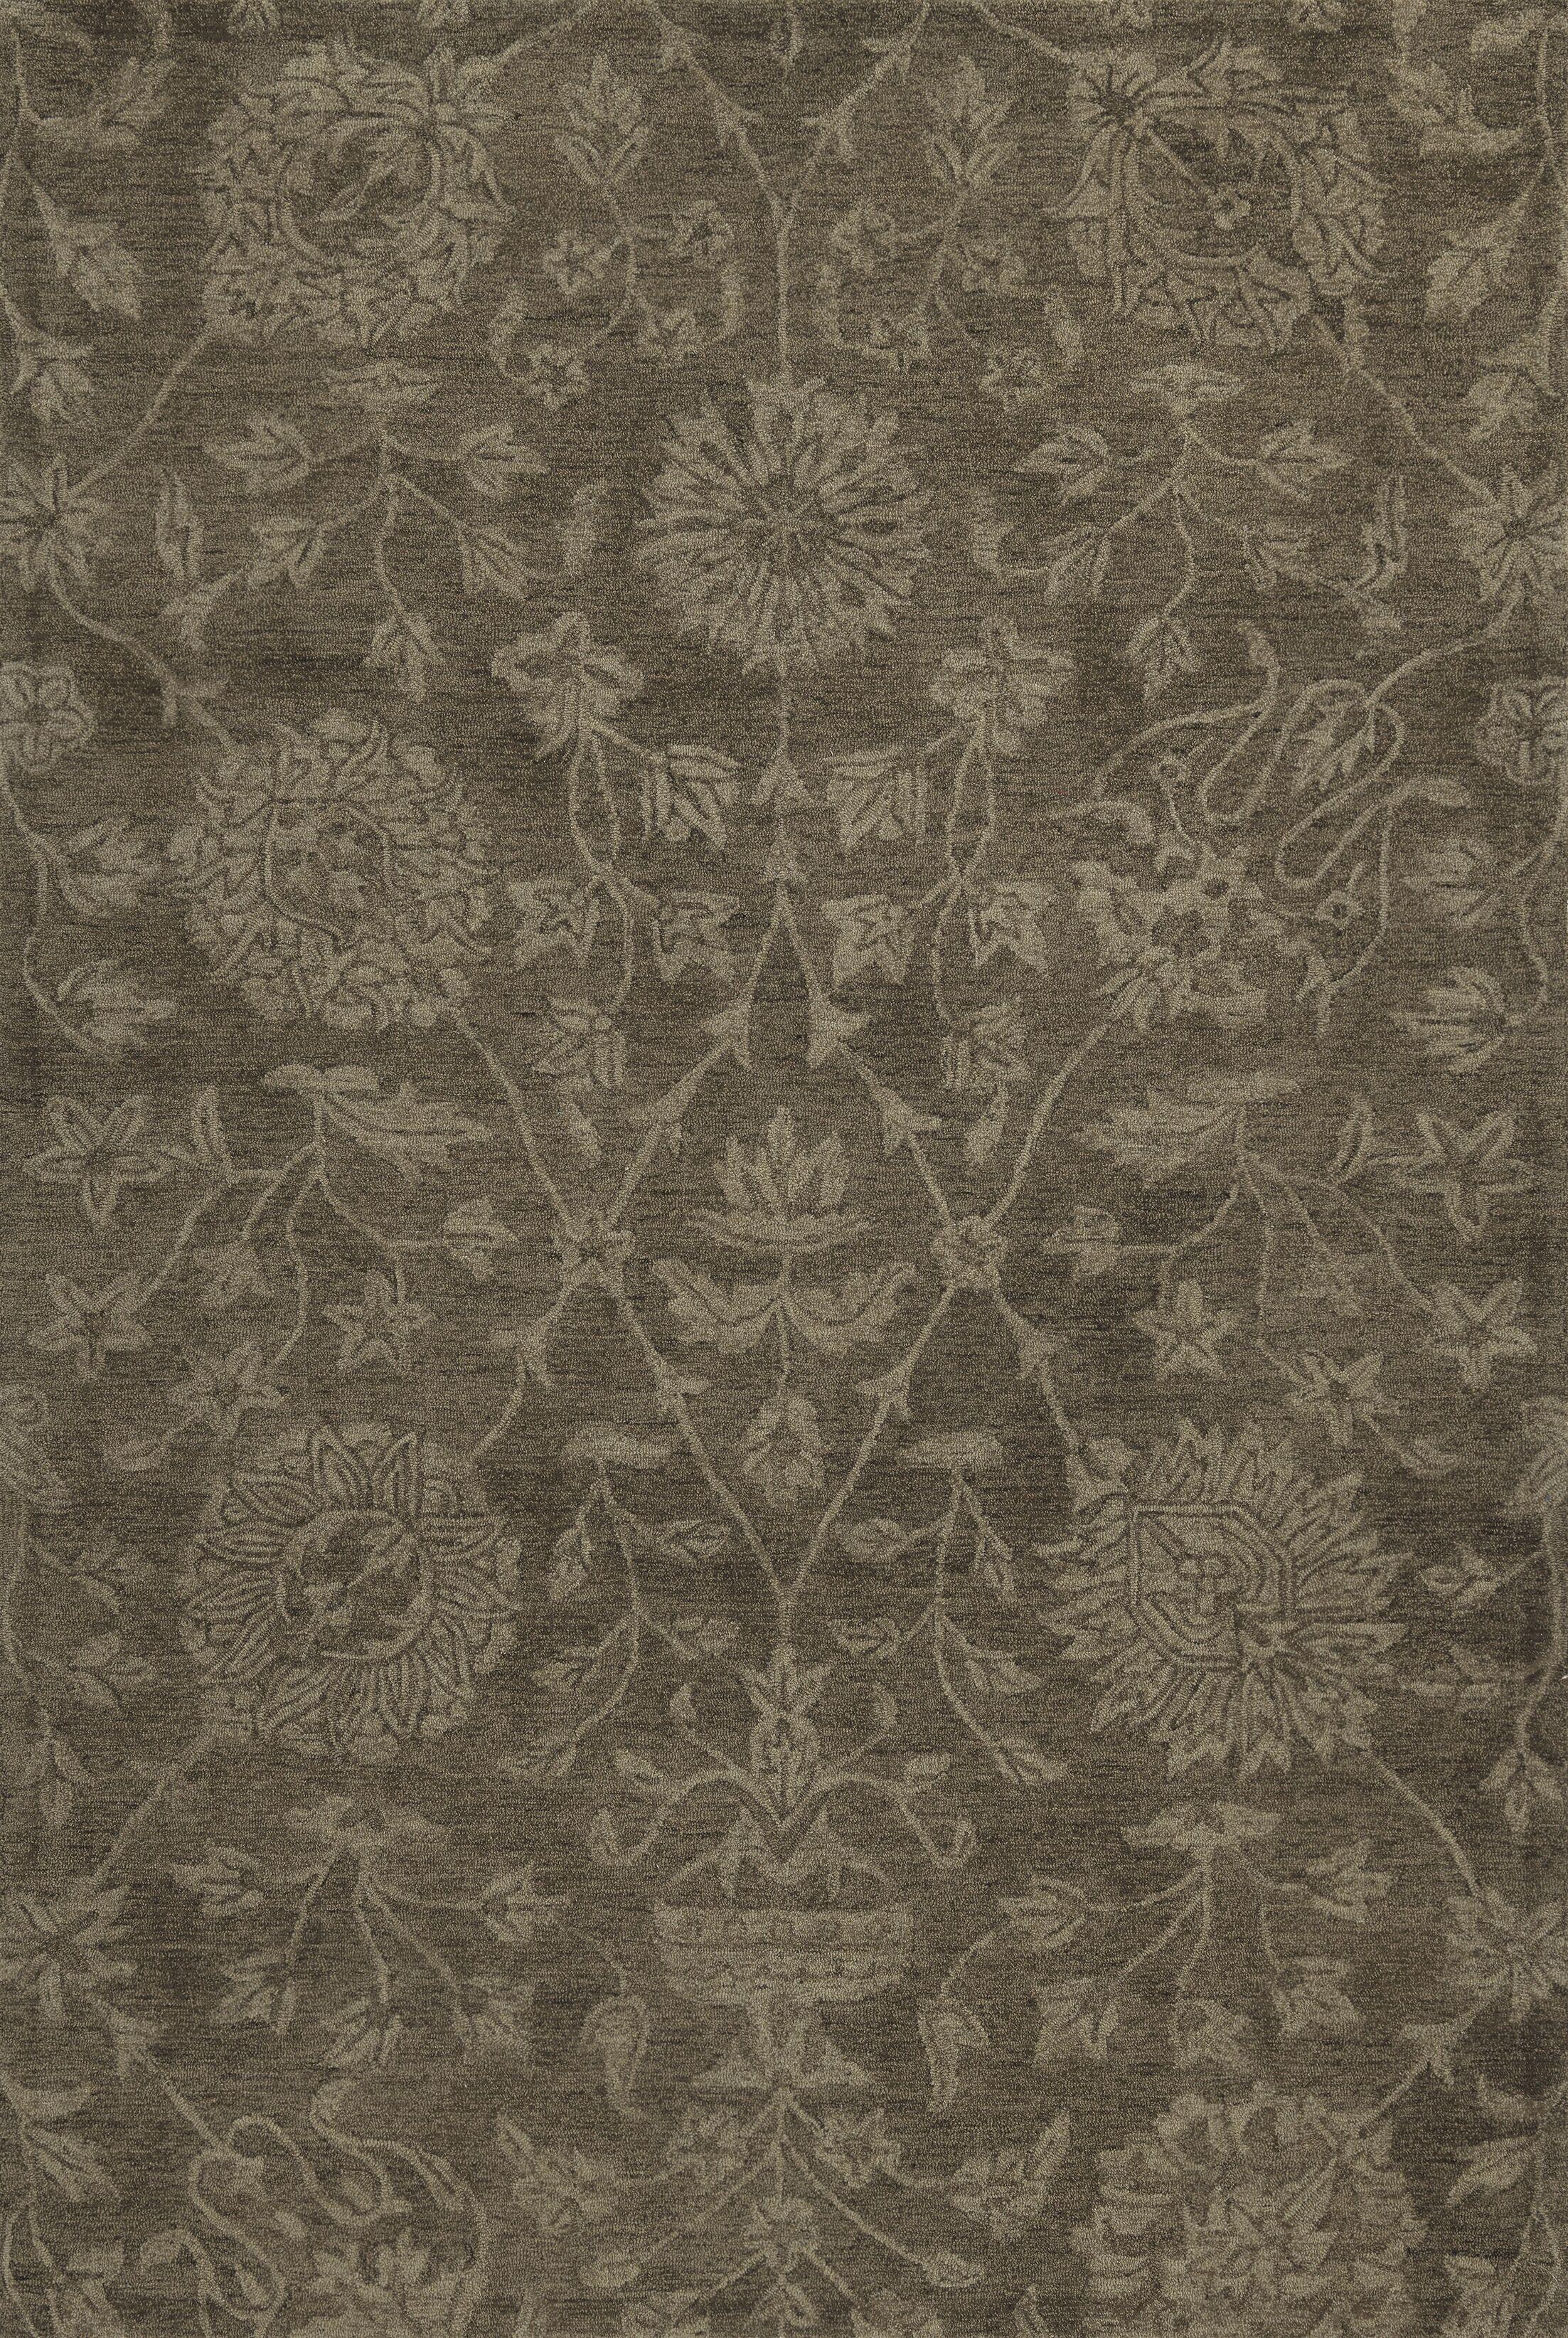 Chatmon Hand-Tufted Wool Mocha Area Rug Rug Size: Rectangle 9' x 13'